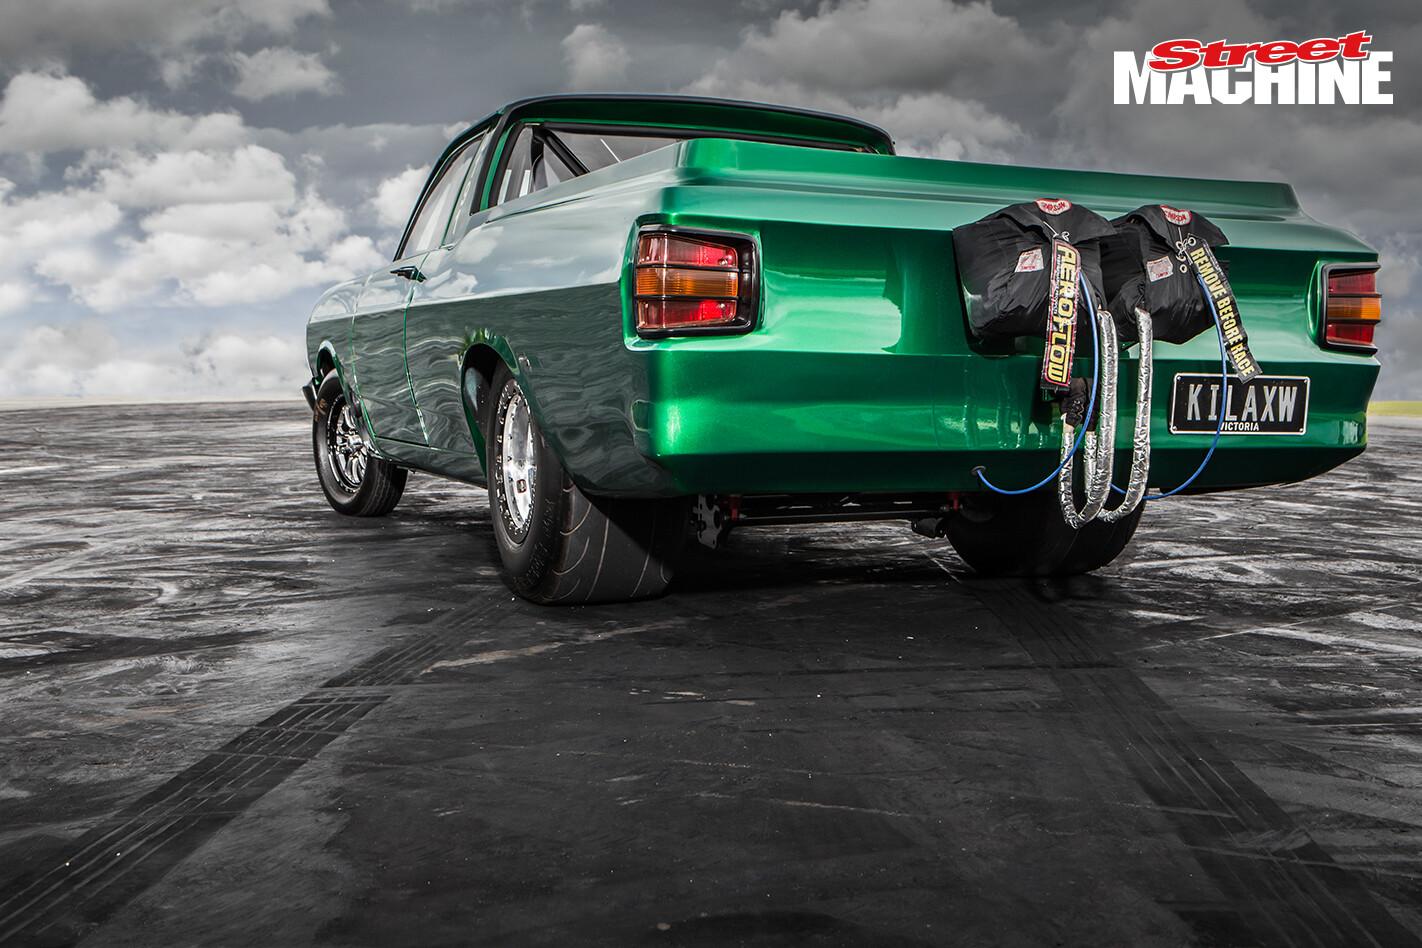 Ford XW Ute KILLAXW Nw